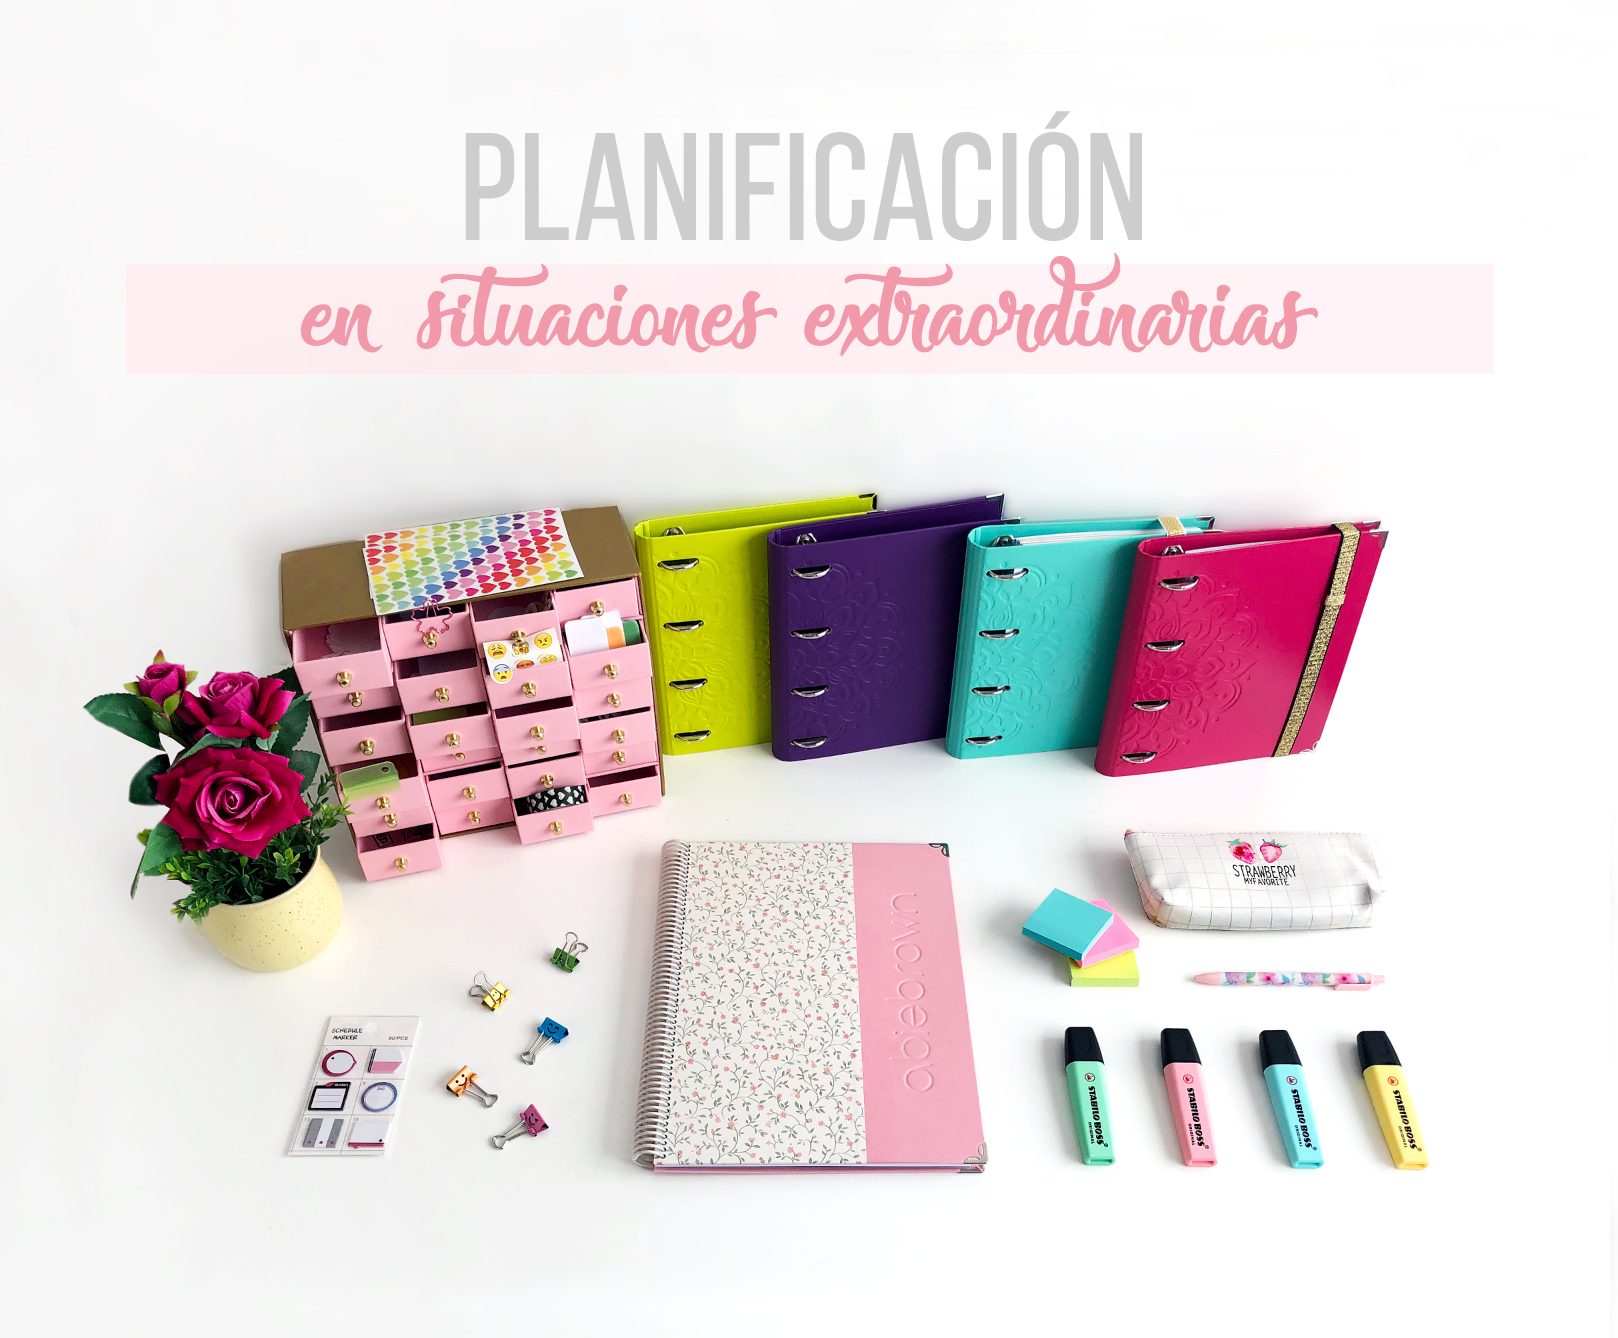 01_cabecera_mi-plan-en-casa.jpg